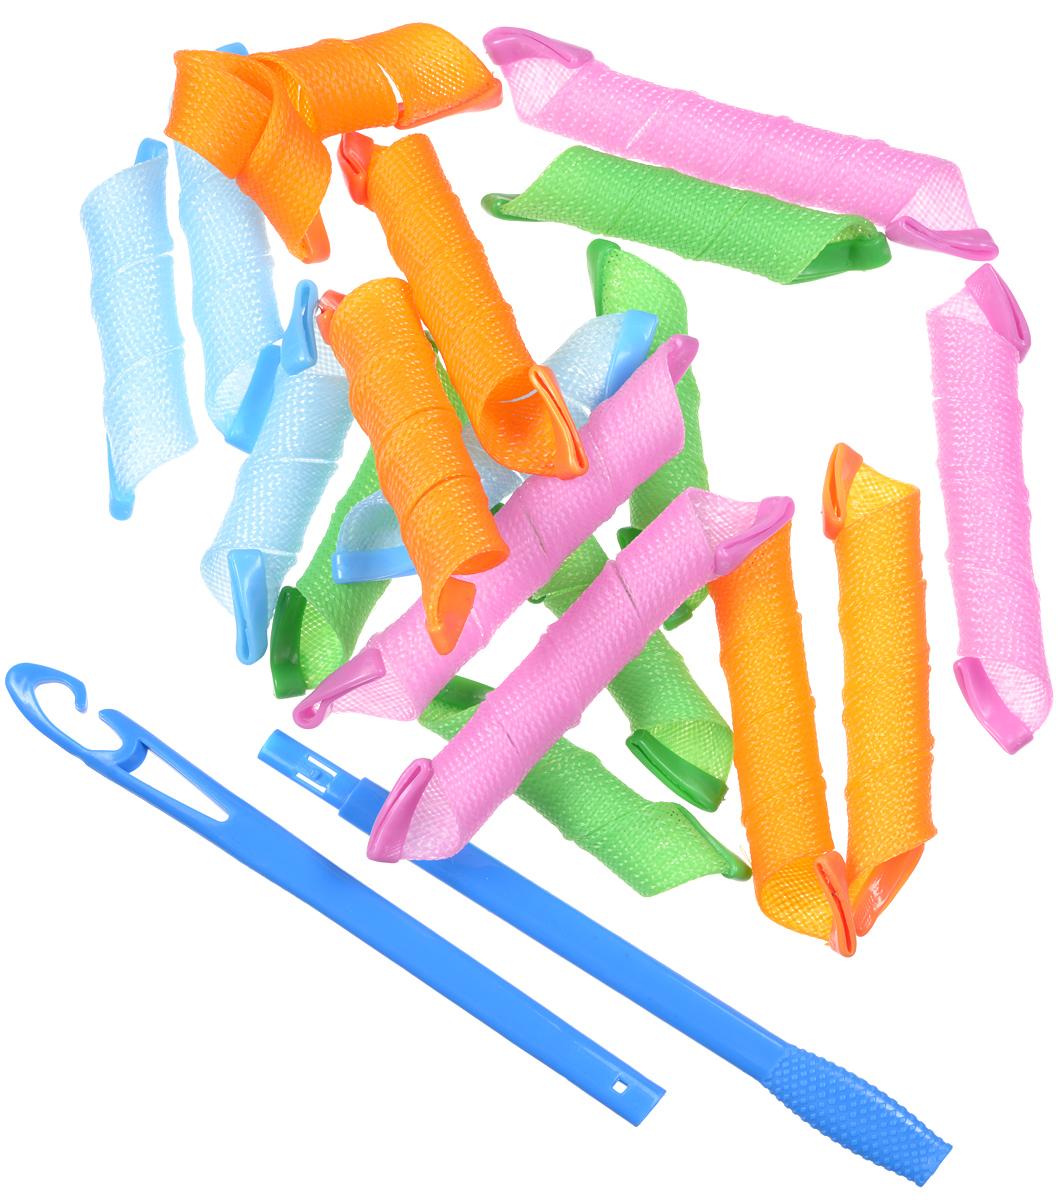 Magic Leverag Бигуди стандартные удлиненные, 9 х 19 см, 9 х 29 смБуНабор бигуди Magic Leverag является простым и легким способом всегда выглядеть безупречно стильно! Предназначен для создания мелких кудряшек, локонов и волн, а также придания дополнительного объема. Бигуди произведены из мягкого материала, и в них можно спать. Magic Leverag выполнены из мягкого пластика с силиконовыми наконечниками, что позволяет им служить долго, подходят для кончиков и длинных волос, а также на каскадную стрижку. Ваша прическа зависит только от вашей фантазии и настроения! Преимущества волшебных бигуди Magic Leverag: Создают большой объем. Удобны и легки в использовании. Справится даже ребенок! Подходят как для коротких, так и для длинных волос. Позволяют легко контролировать направление и равномерность укладки без заломов. Обеспечивают бережное отношение к волосам. Смена имиджа за час. Процесс накручивания бигуди Magic Leverag никогда не утомит вас. Экономия времени и денег на дорогих салонах. ...